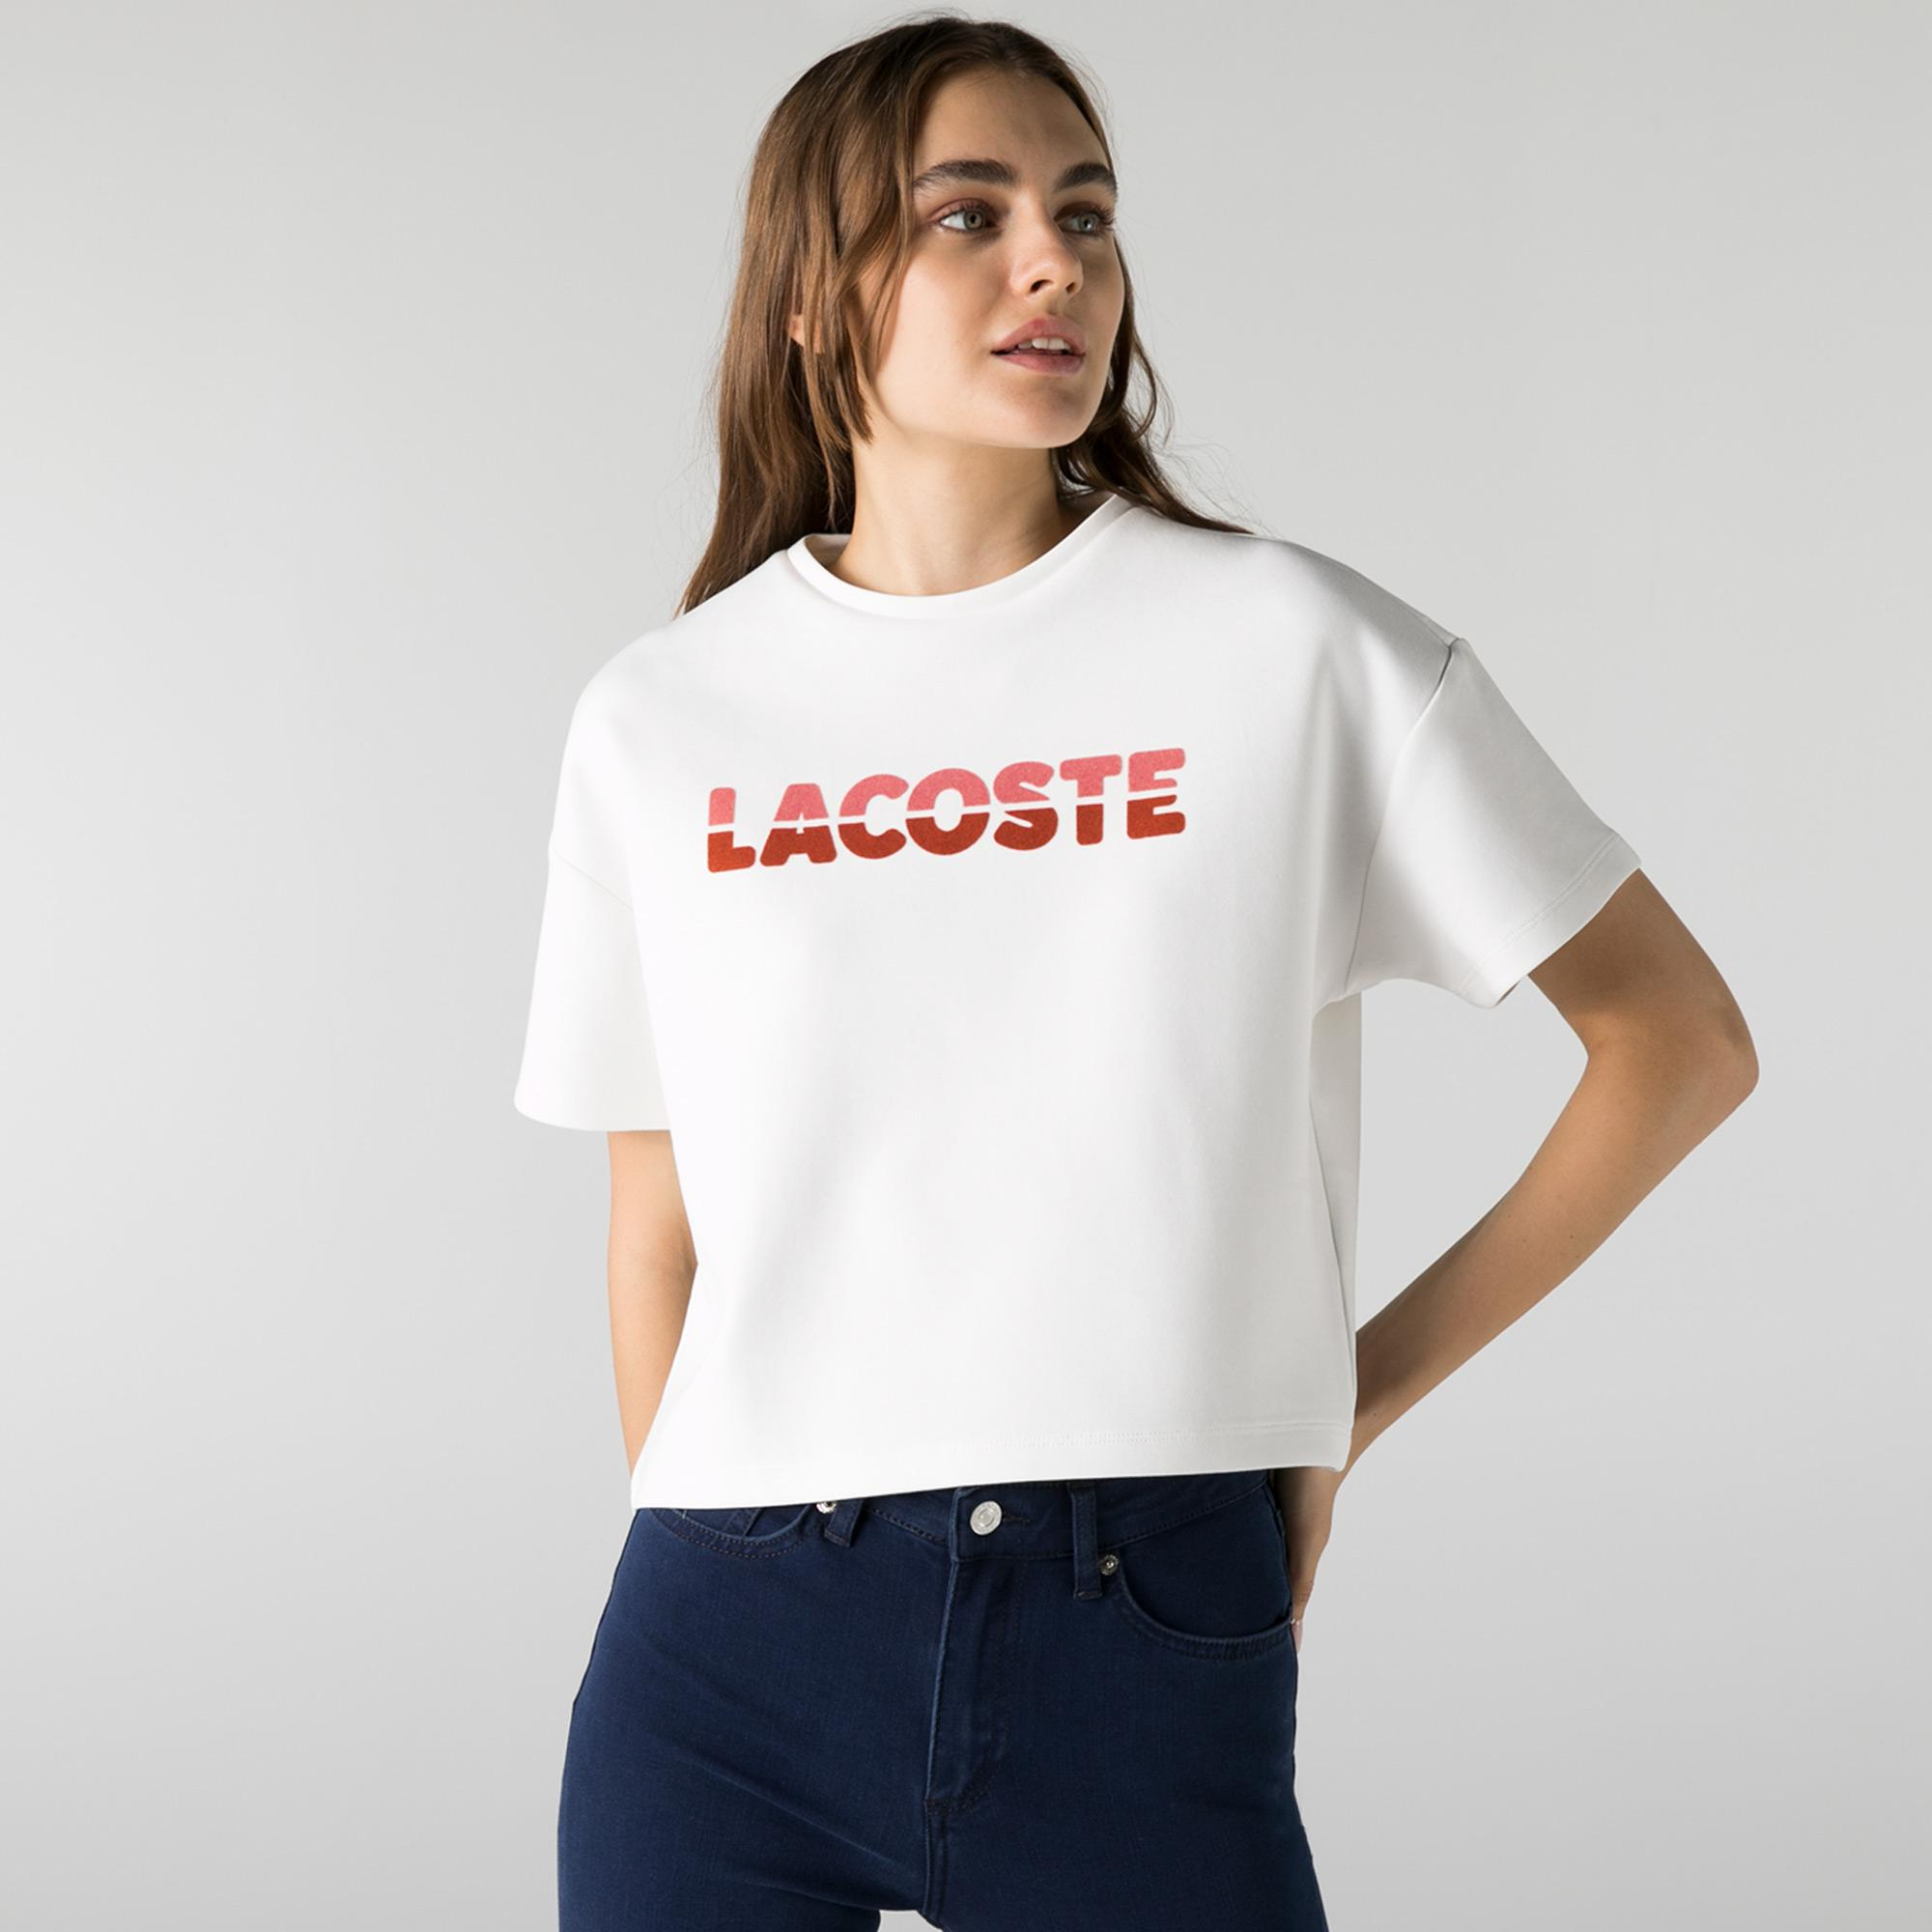 Lacoste Kadın Relaxed Fit Bisiklet Yaka Baskılı Beyaz T-Shirt